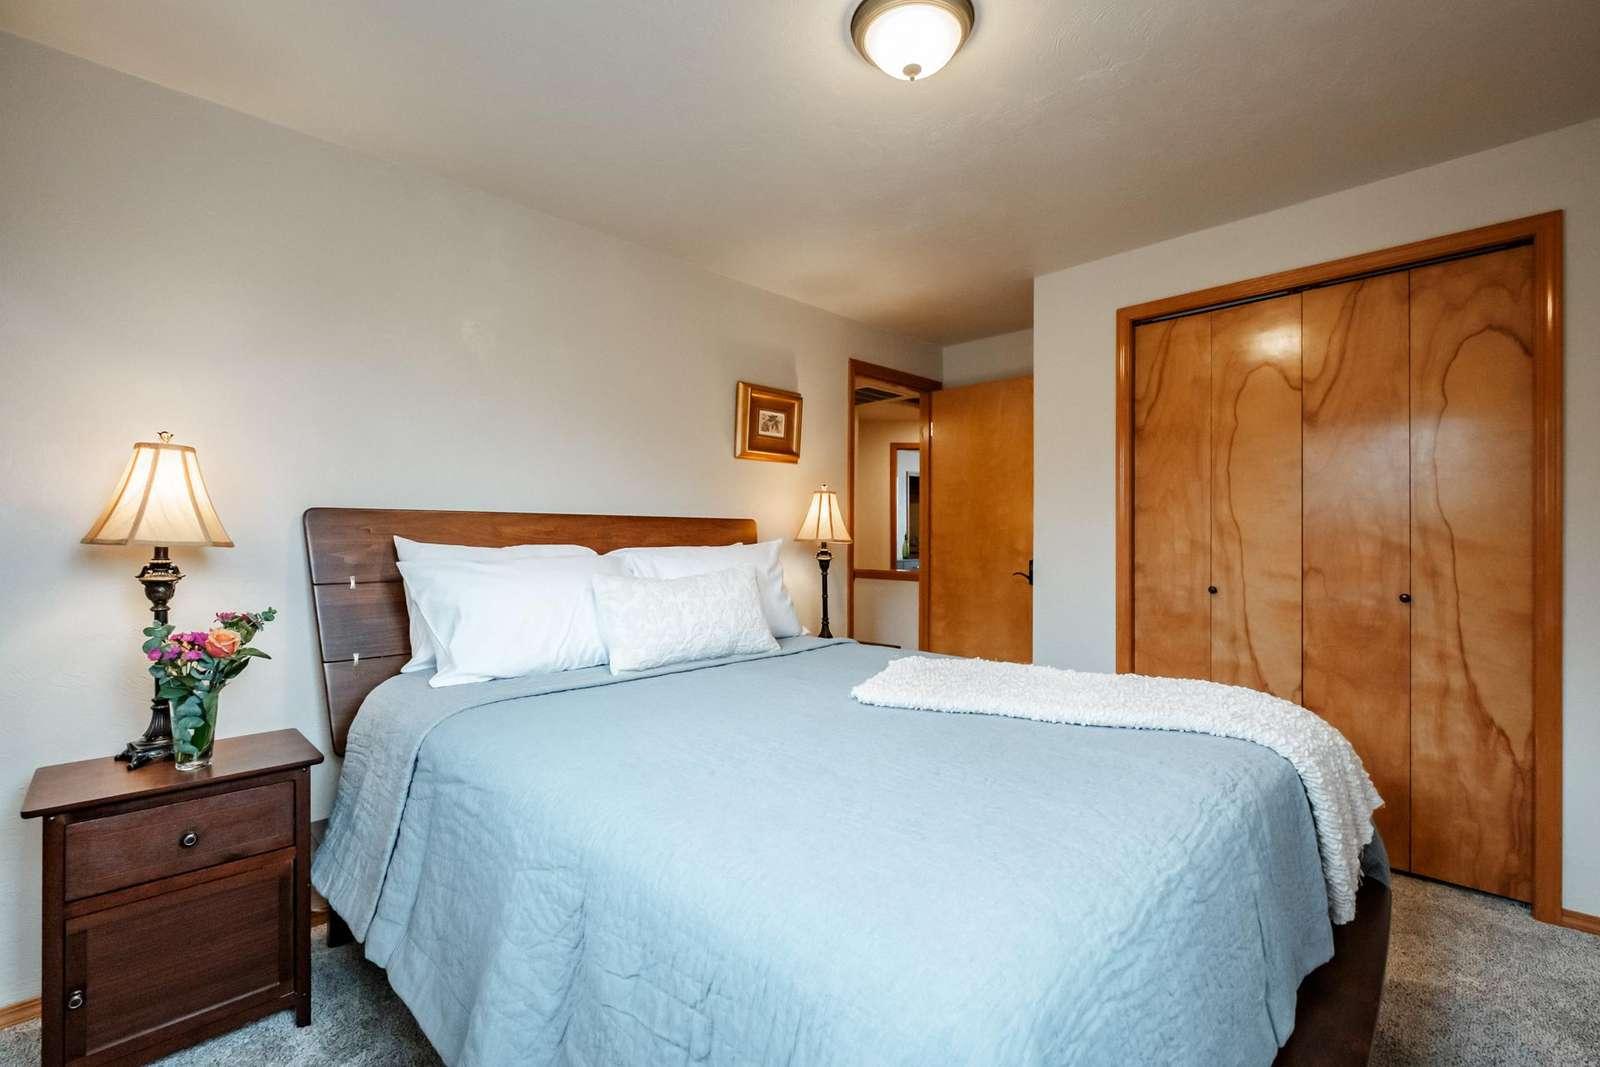 Bedroom 2 - luxury linens